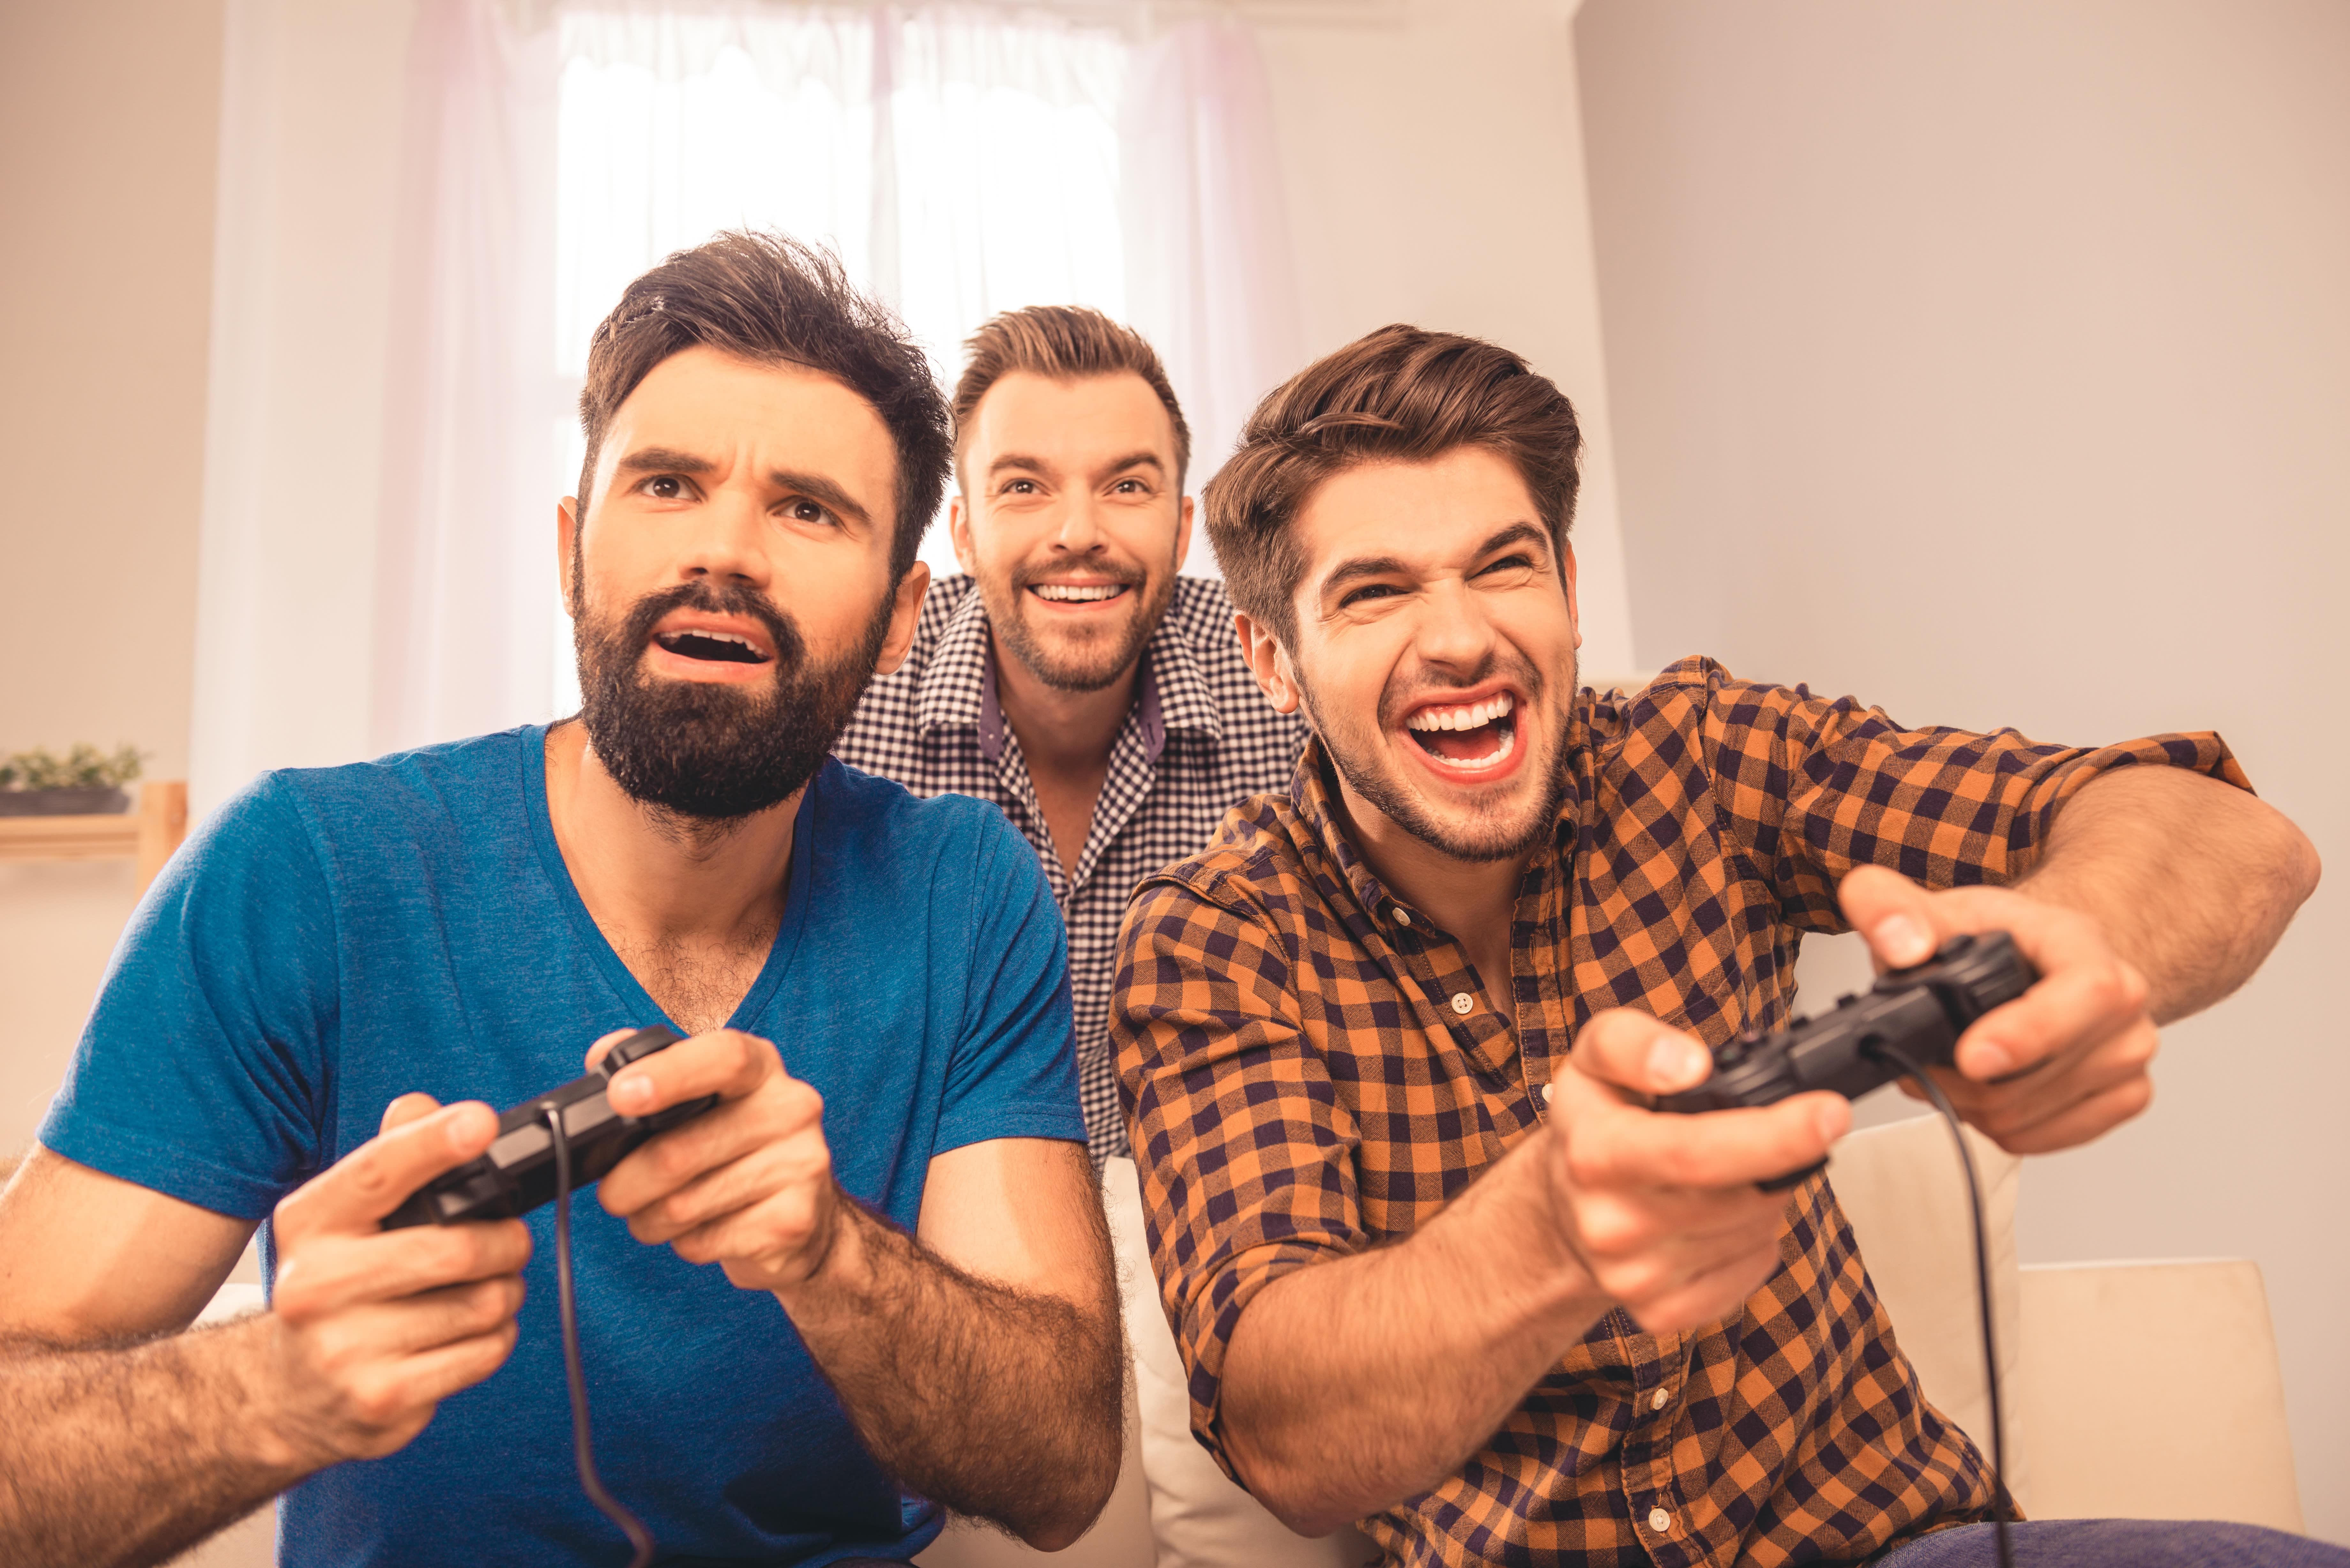 Retro Games: Los 5 juegos de consola preferidos por papá